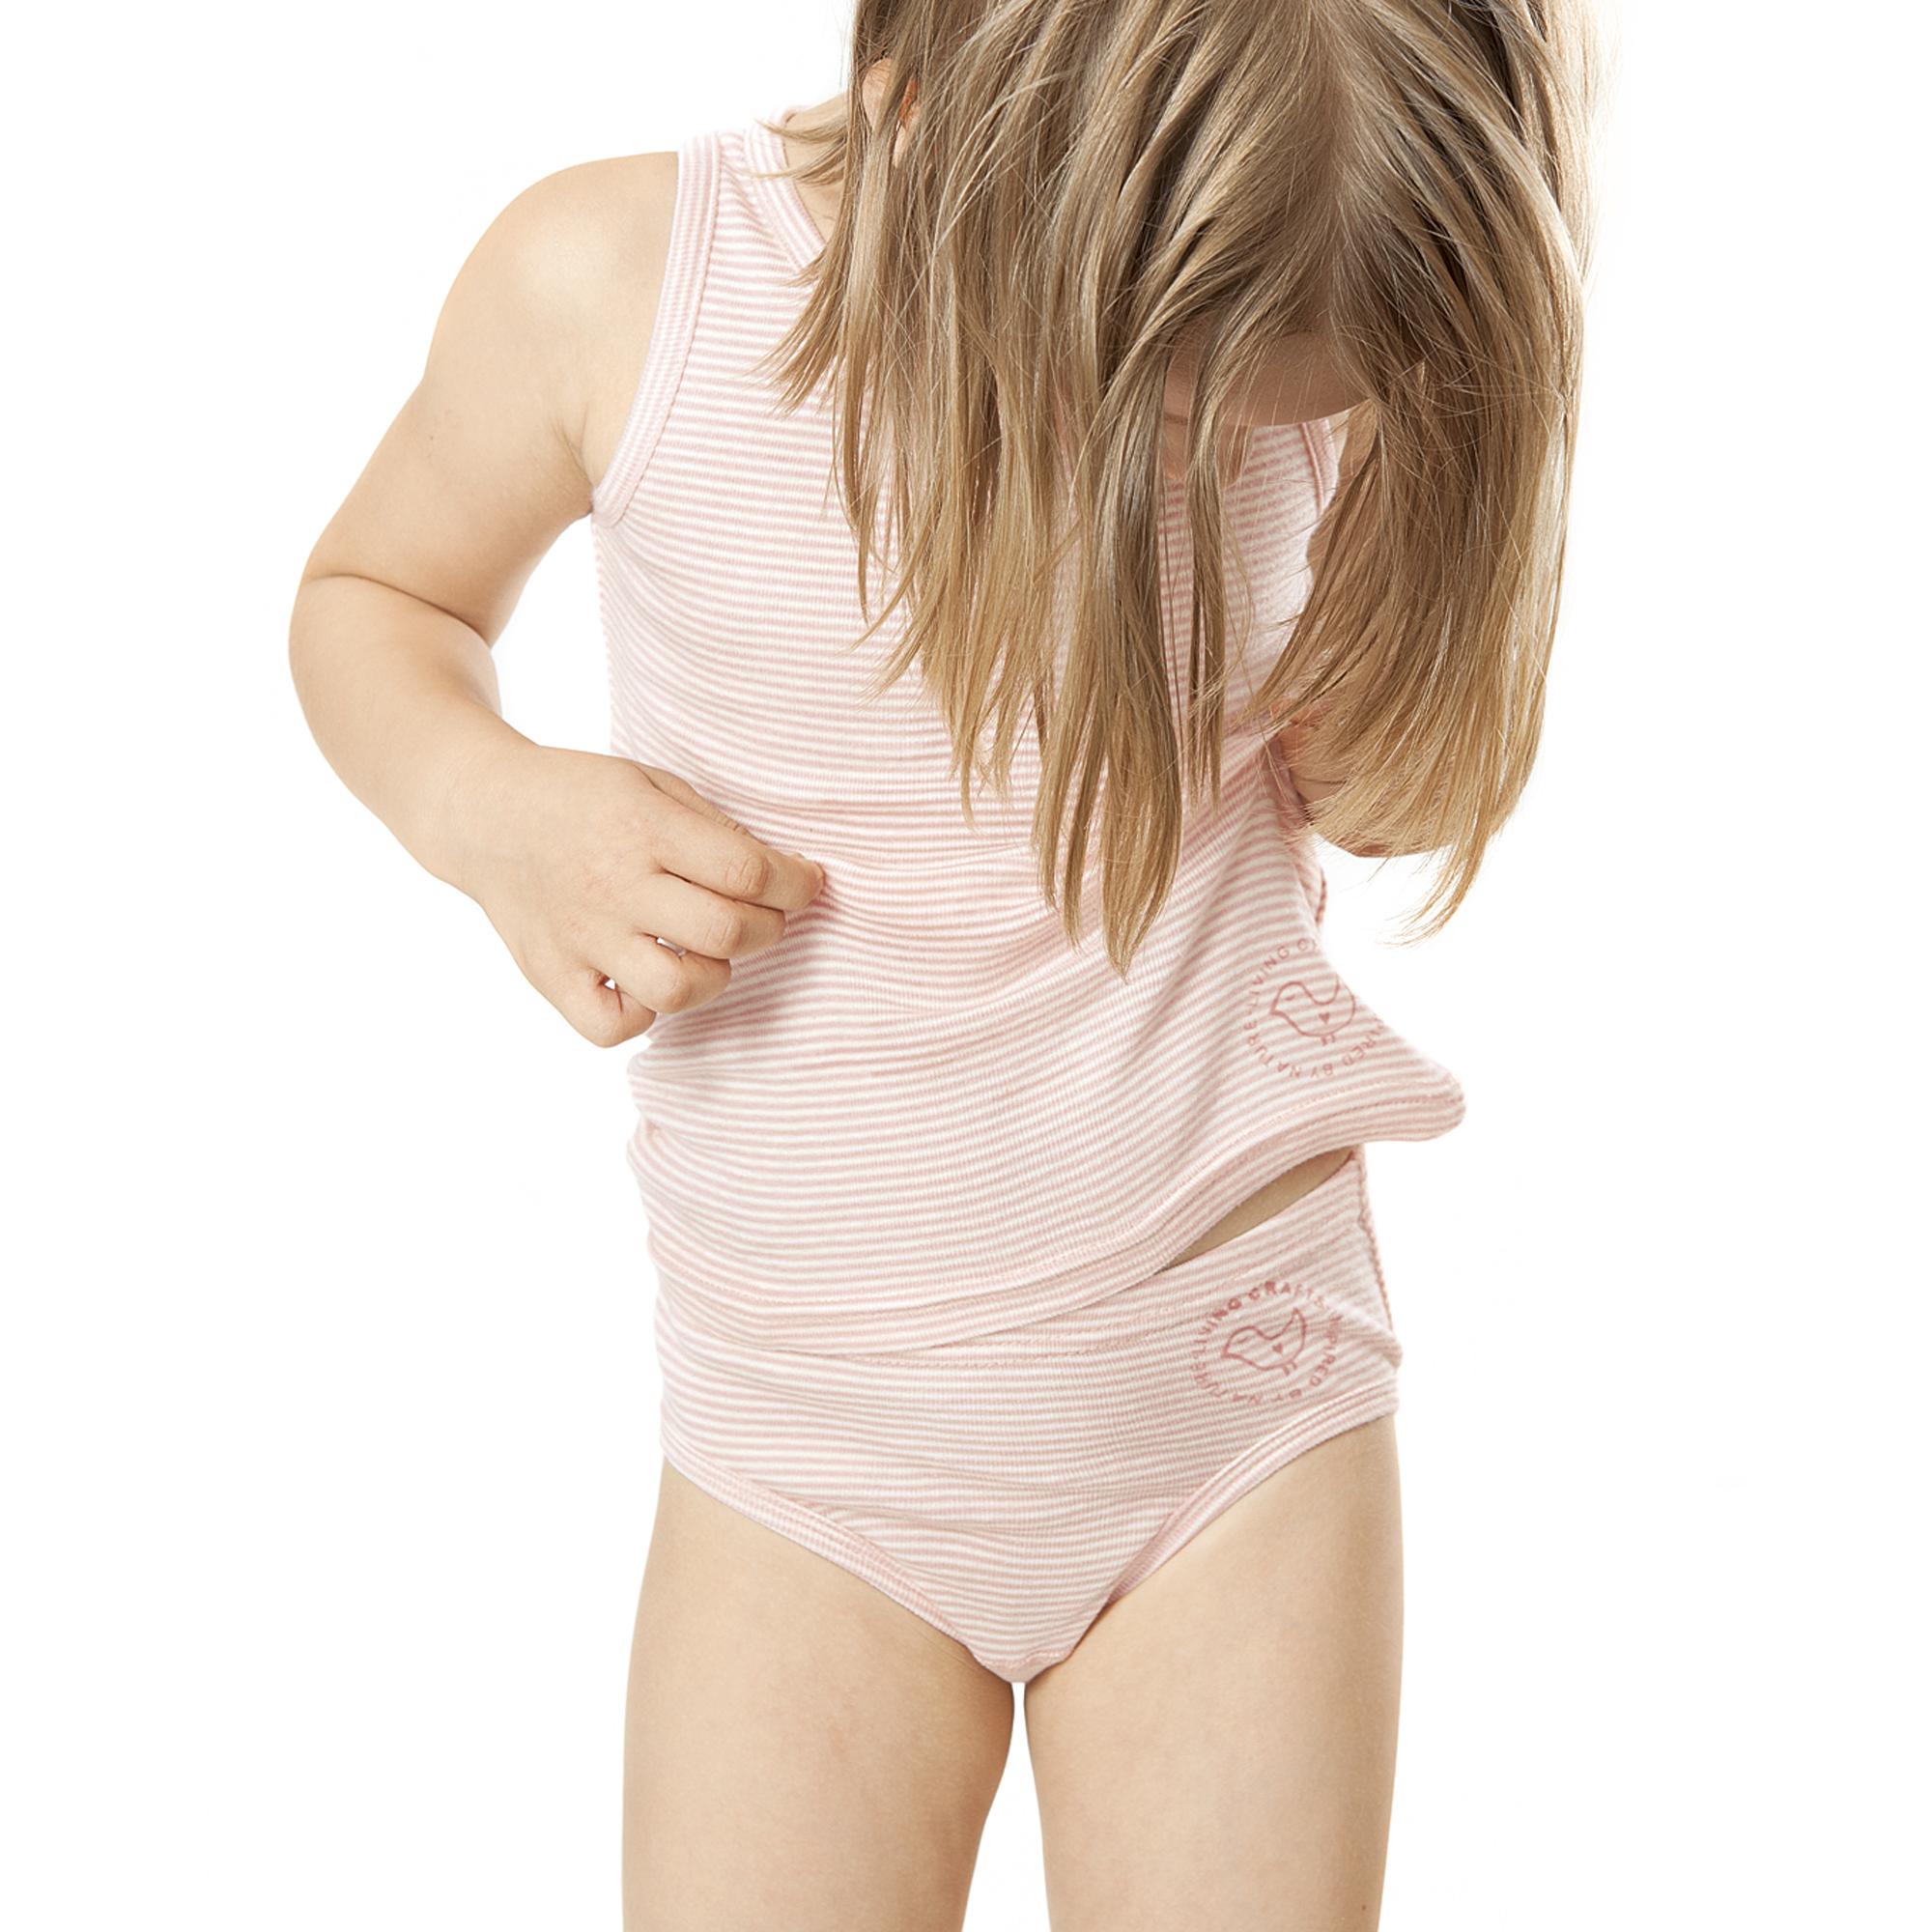 naked-little-girl-vaginas-asian-girl-massages